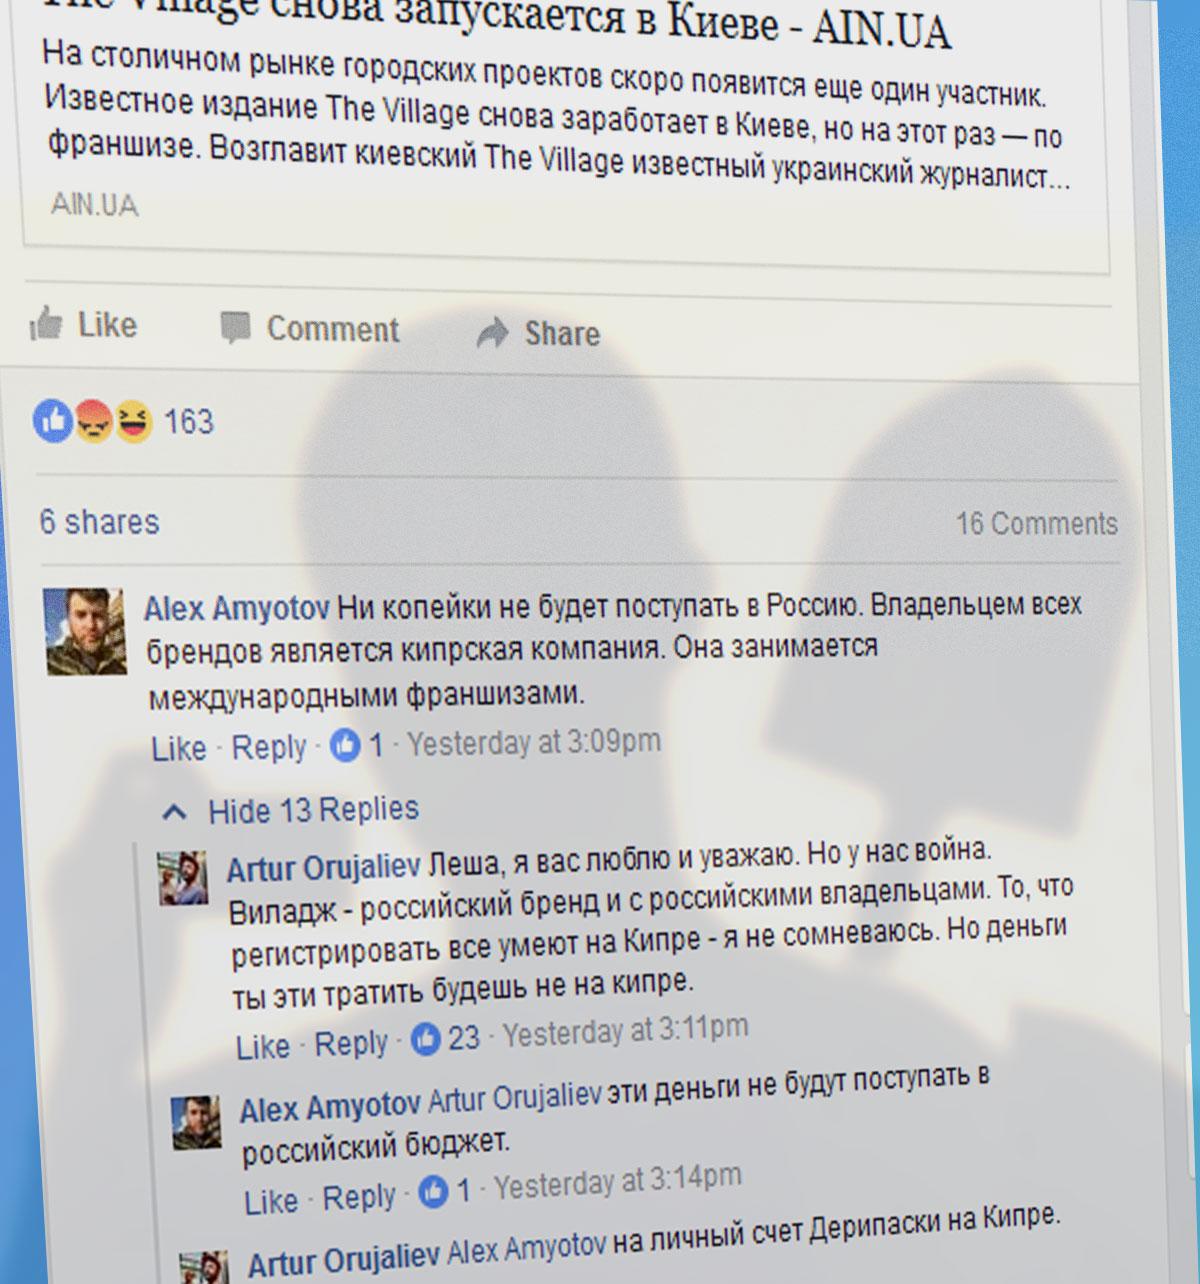 Look At Media ни копейки в российский бюджет